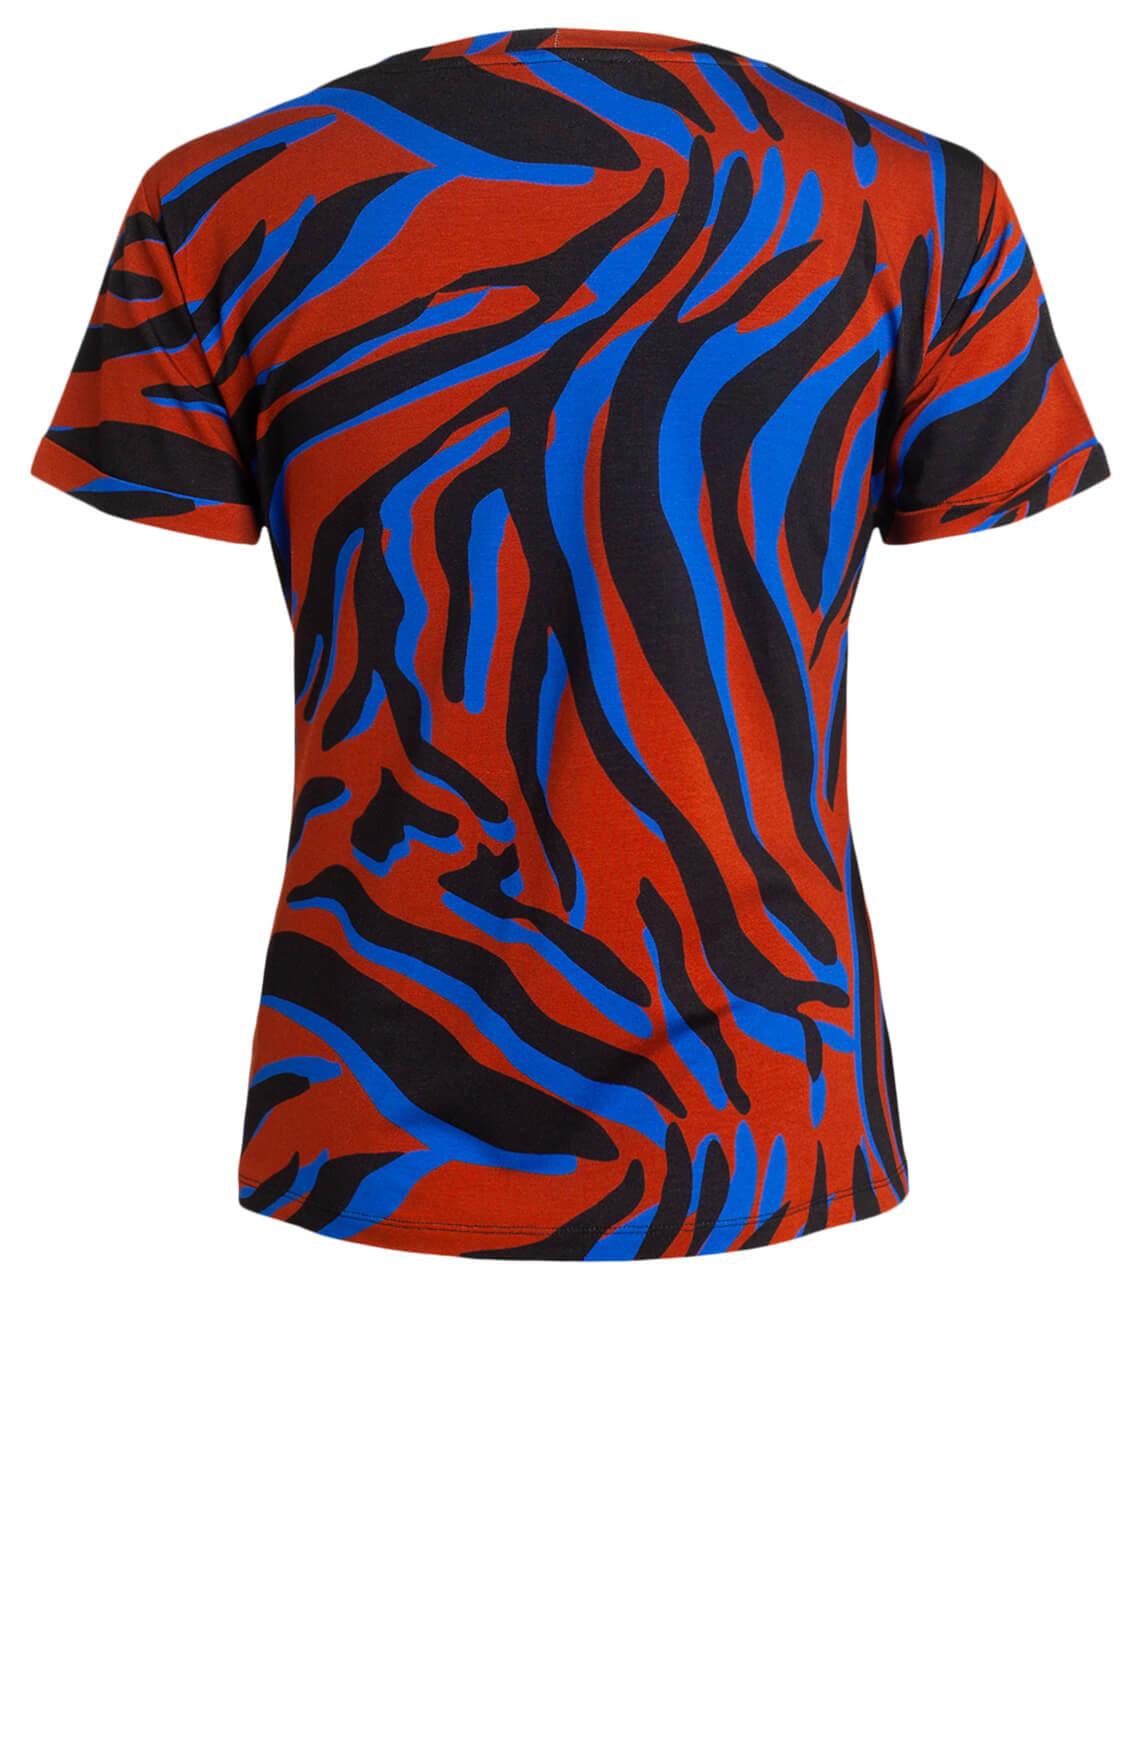 Anna Dames Shirt met animalprint Blauw